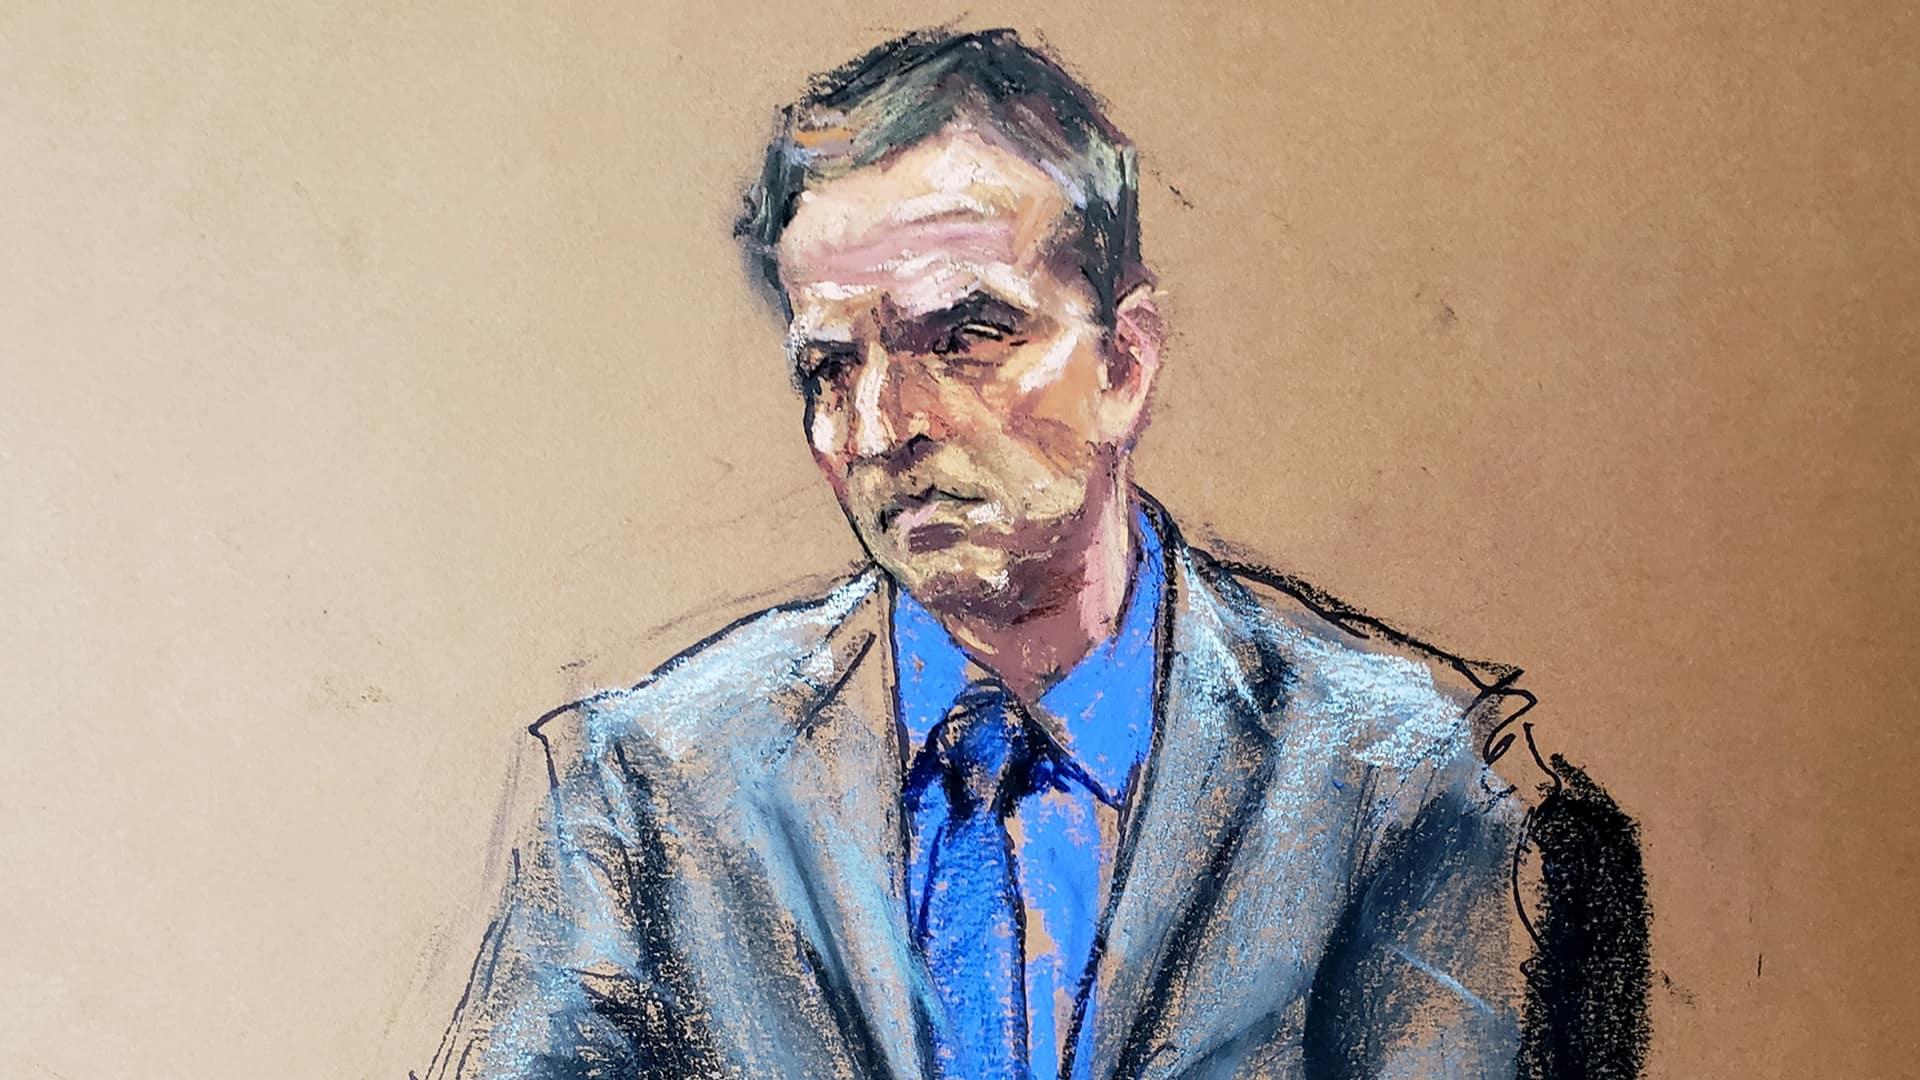 Jury starts deliberating in Derek Chauvin's murder trail ...